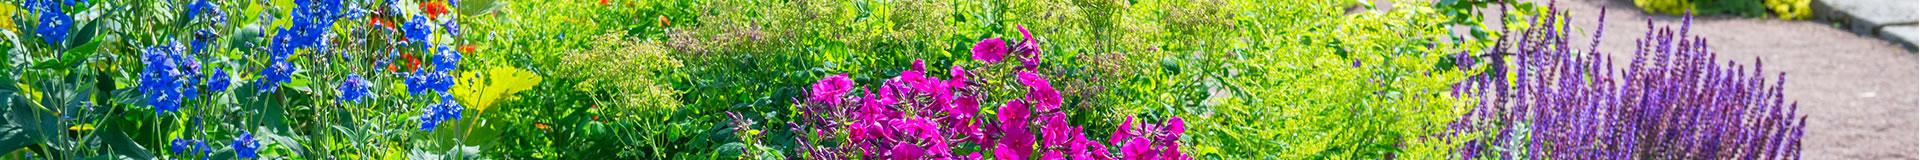 Obituaries | Roselawn Memorial Gardens